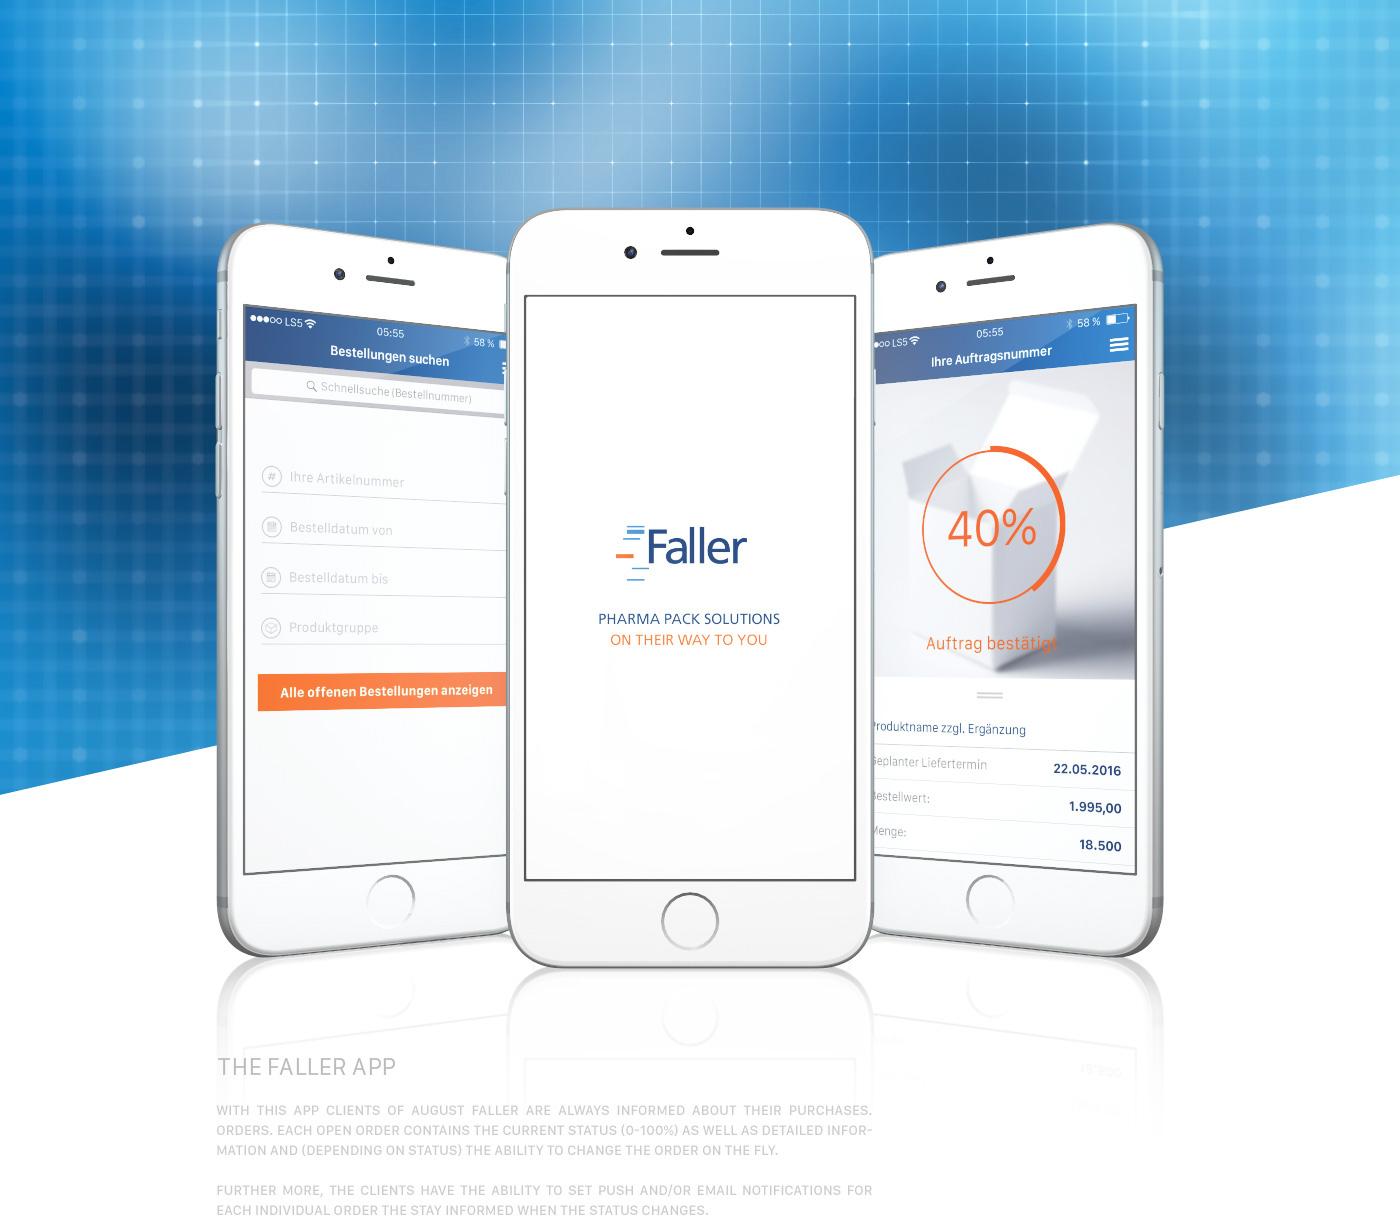 app iphone android UI ux uiux design